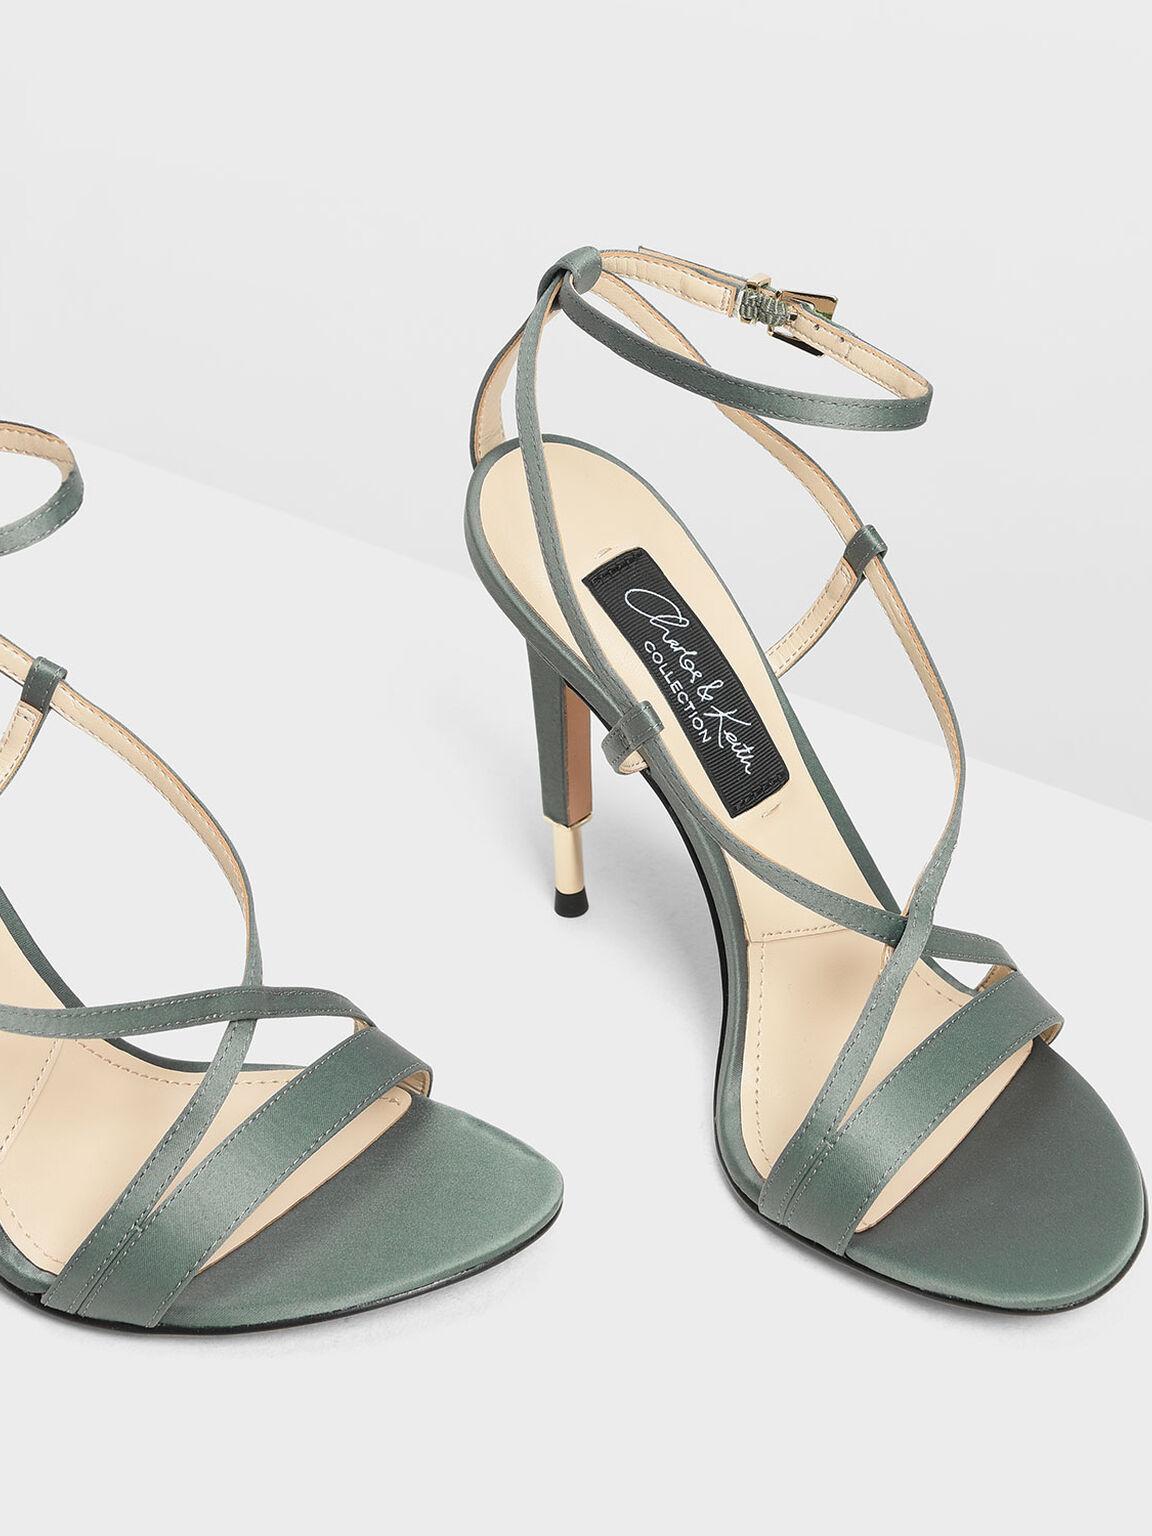 交叉帶高跟涼鞋, 灰綠色, hi-res